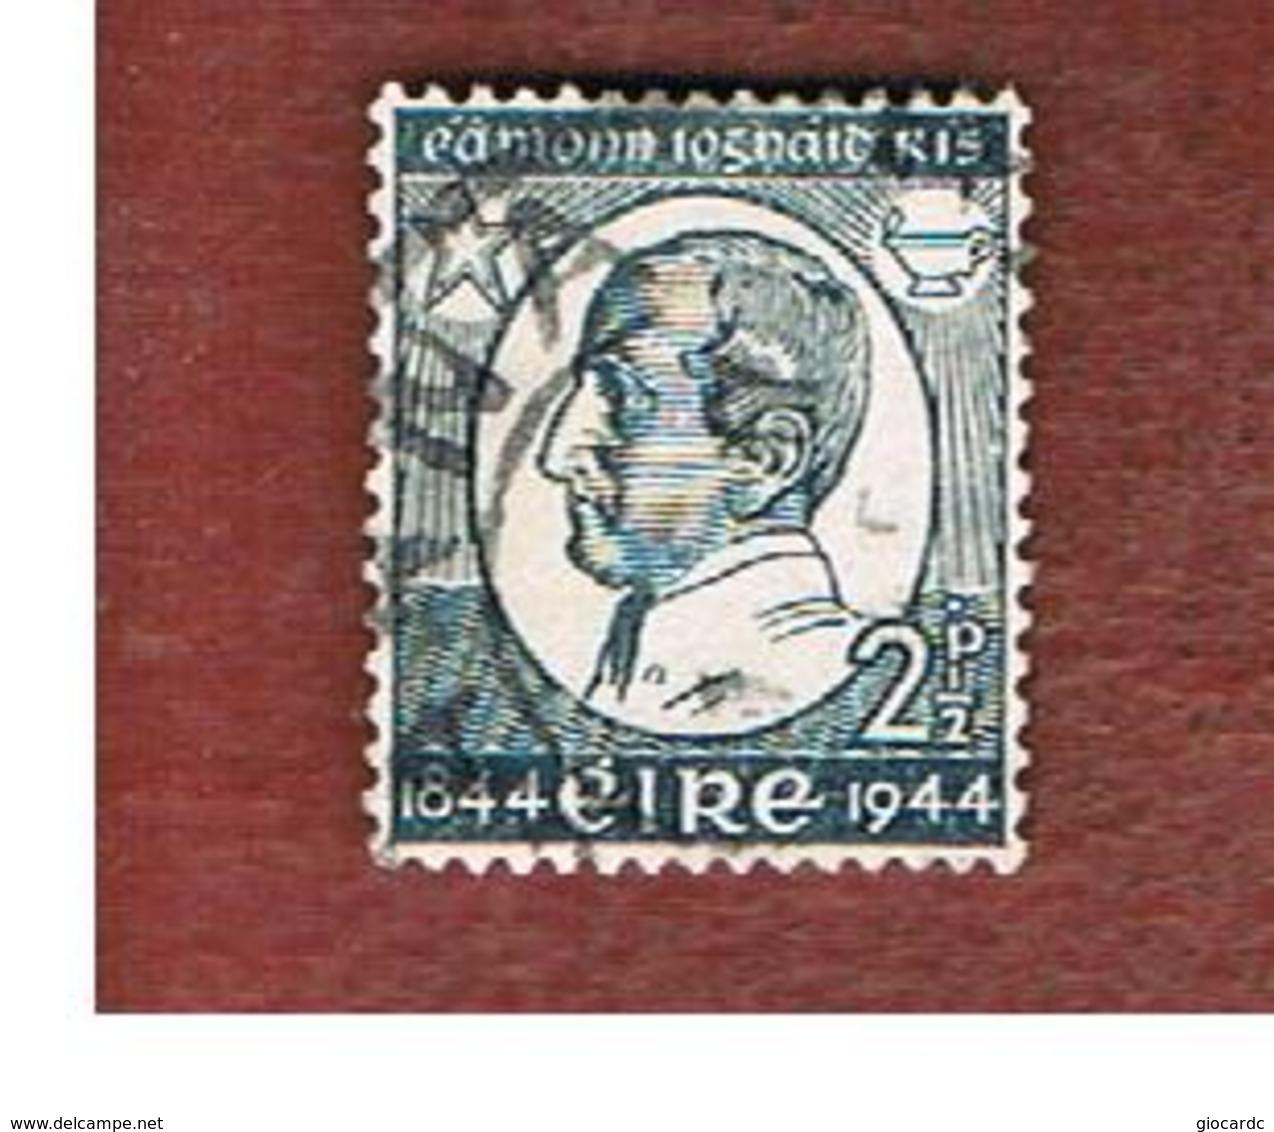 IRLANDA (IRELAND) -  SG 135 -  1944  E.I. RICE  - USED - 1937-1949 Éire